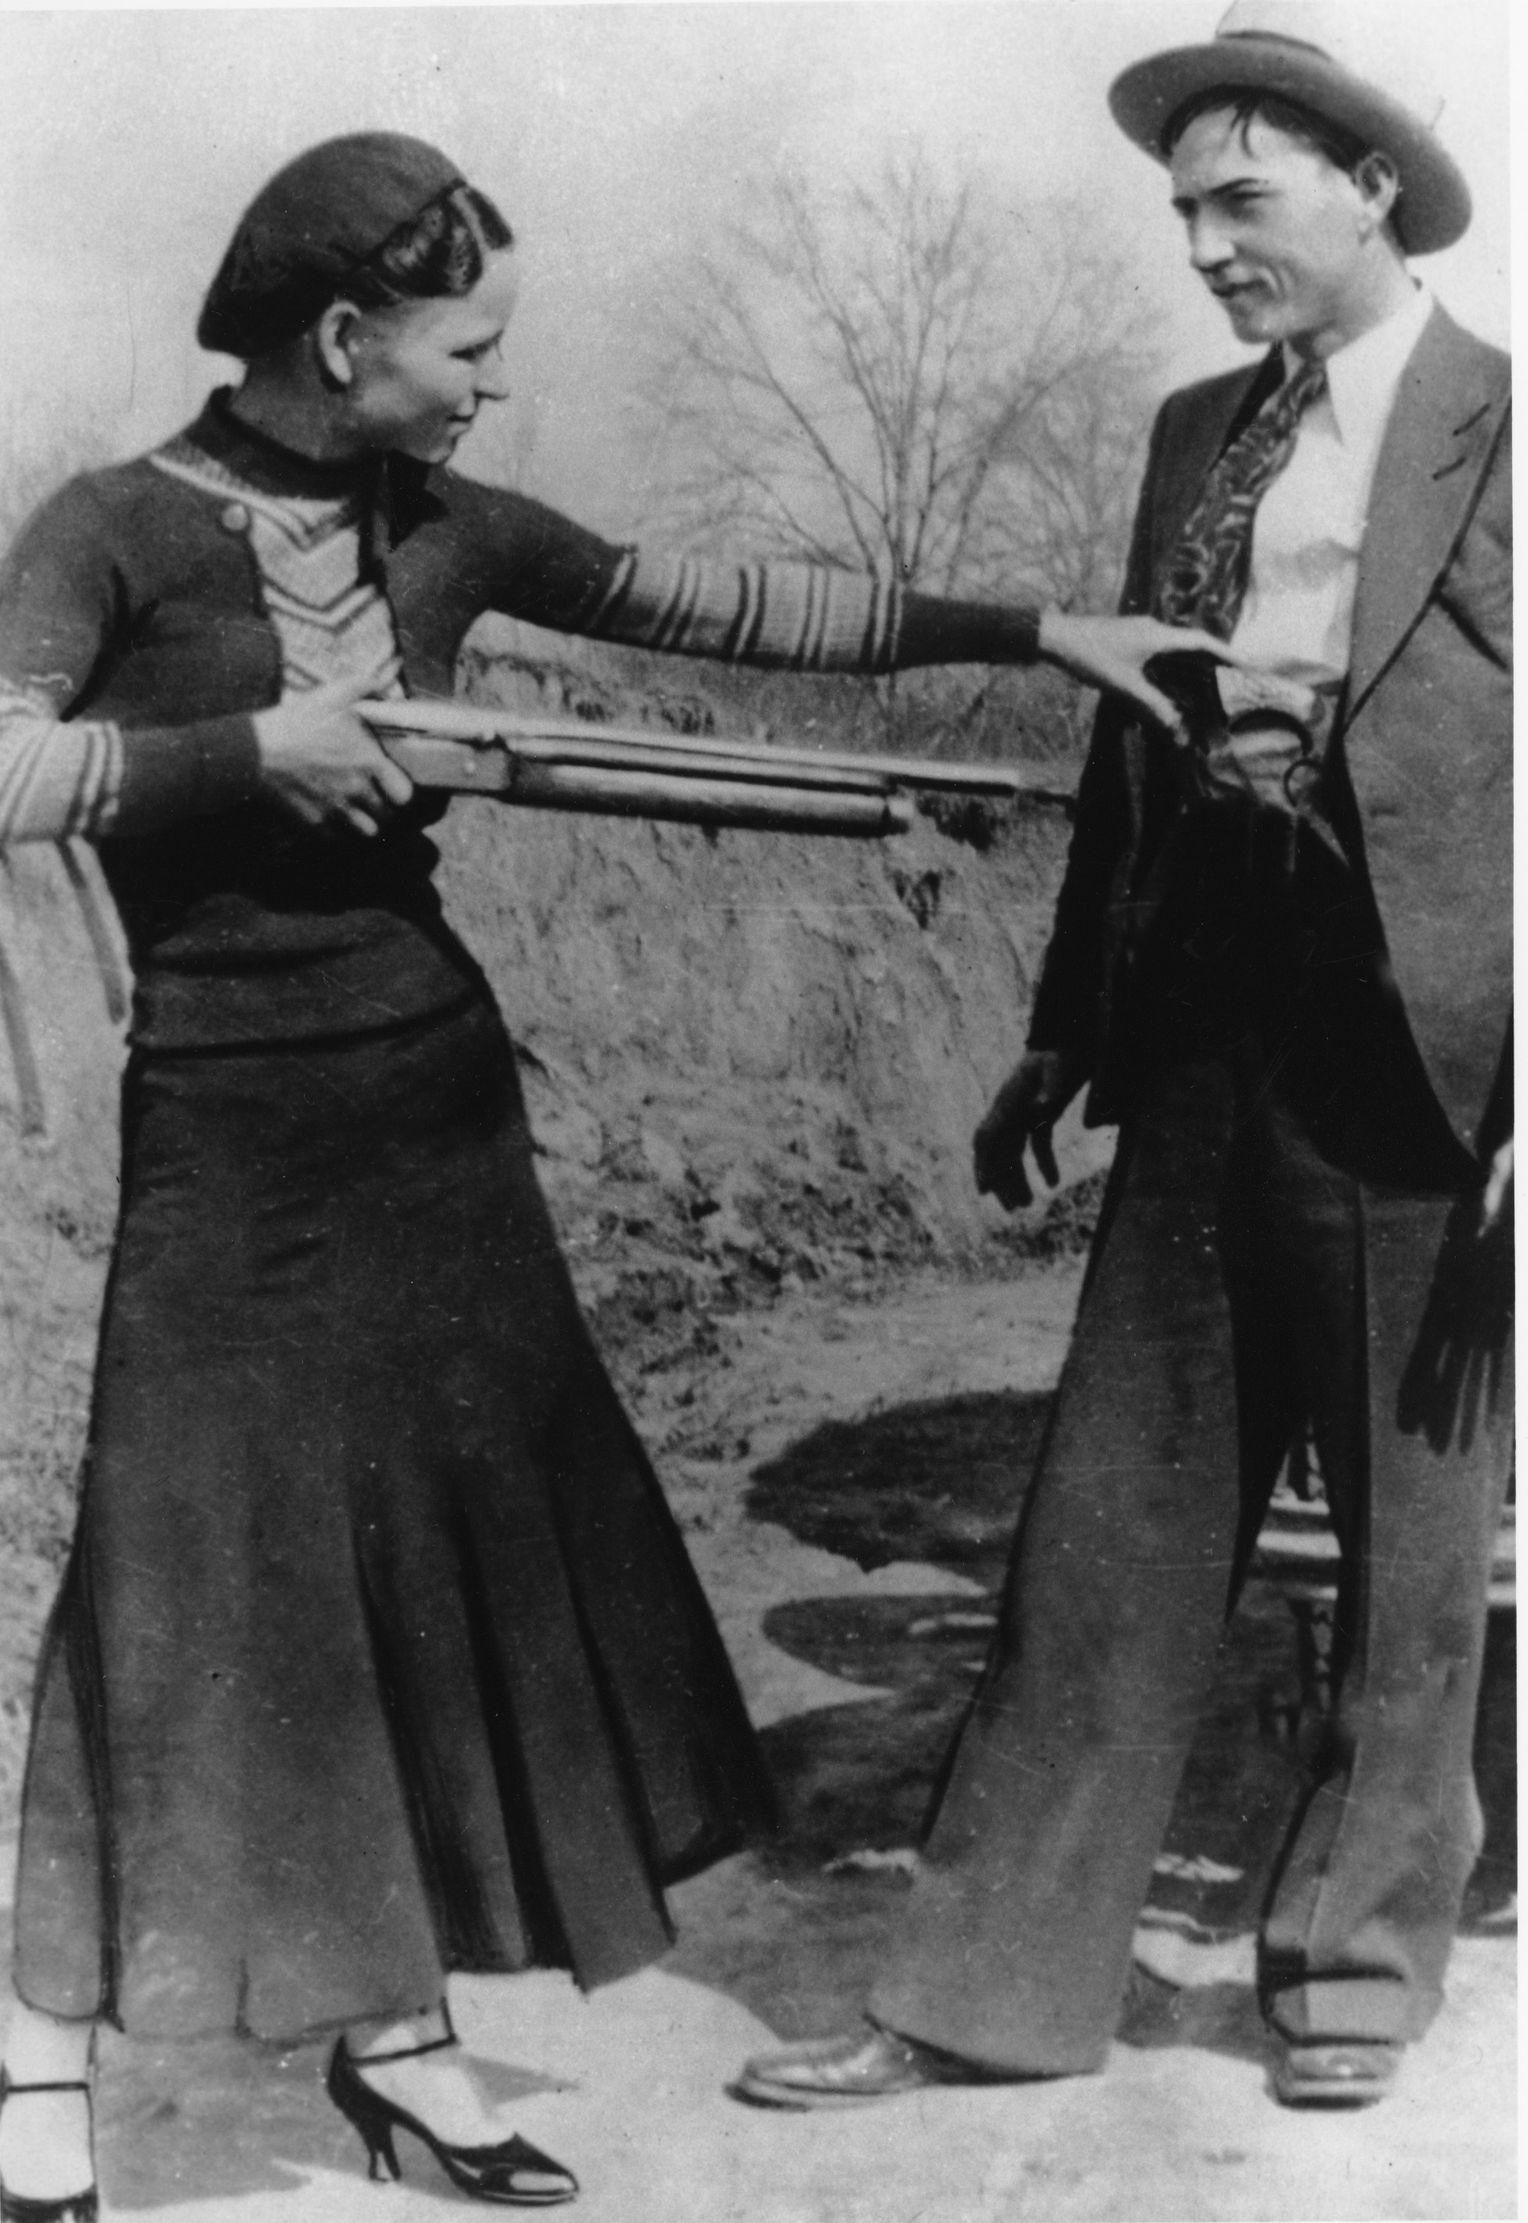 Bonnie und Clyde: Legendäres Gangster-Paar - DER SPIEGEL